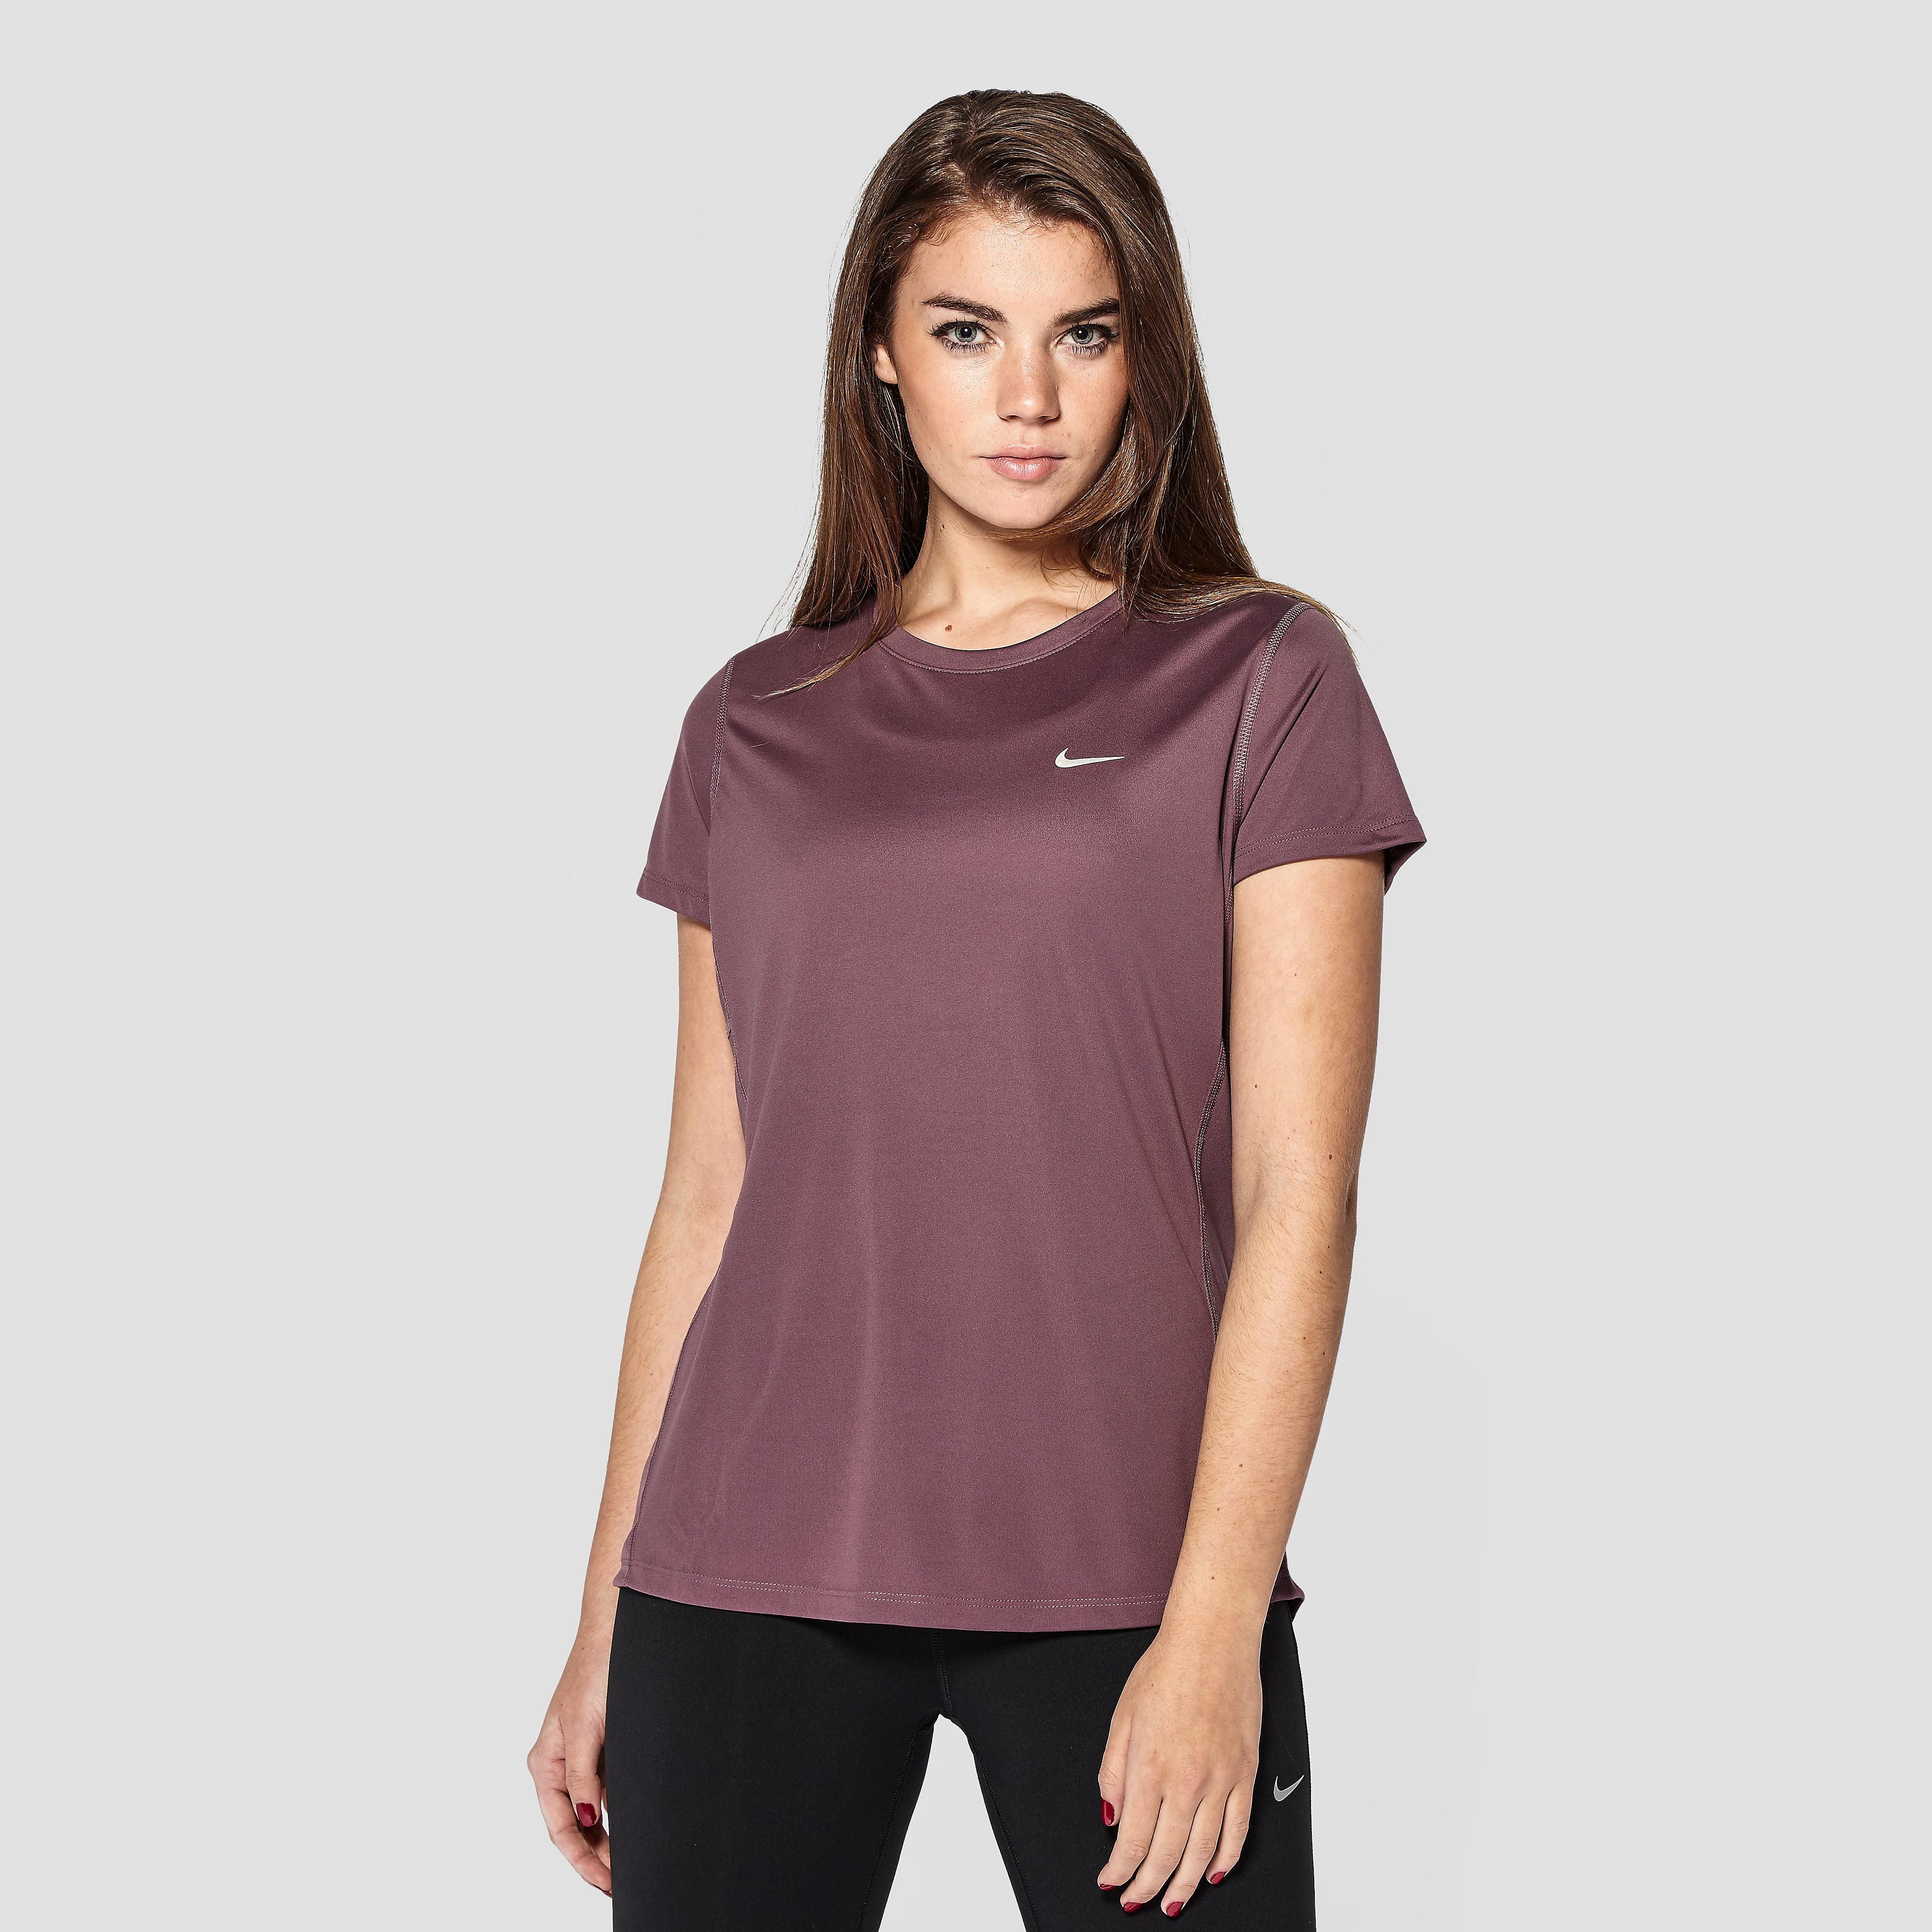 Nike Women's Miler Short-Sleeve Running T-Shirt